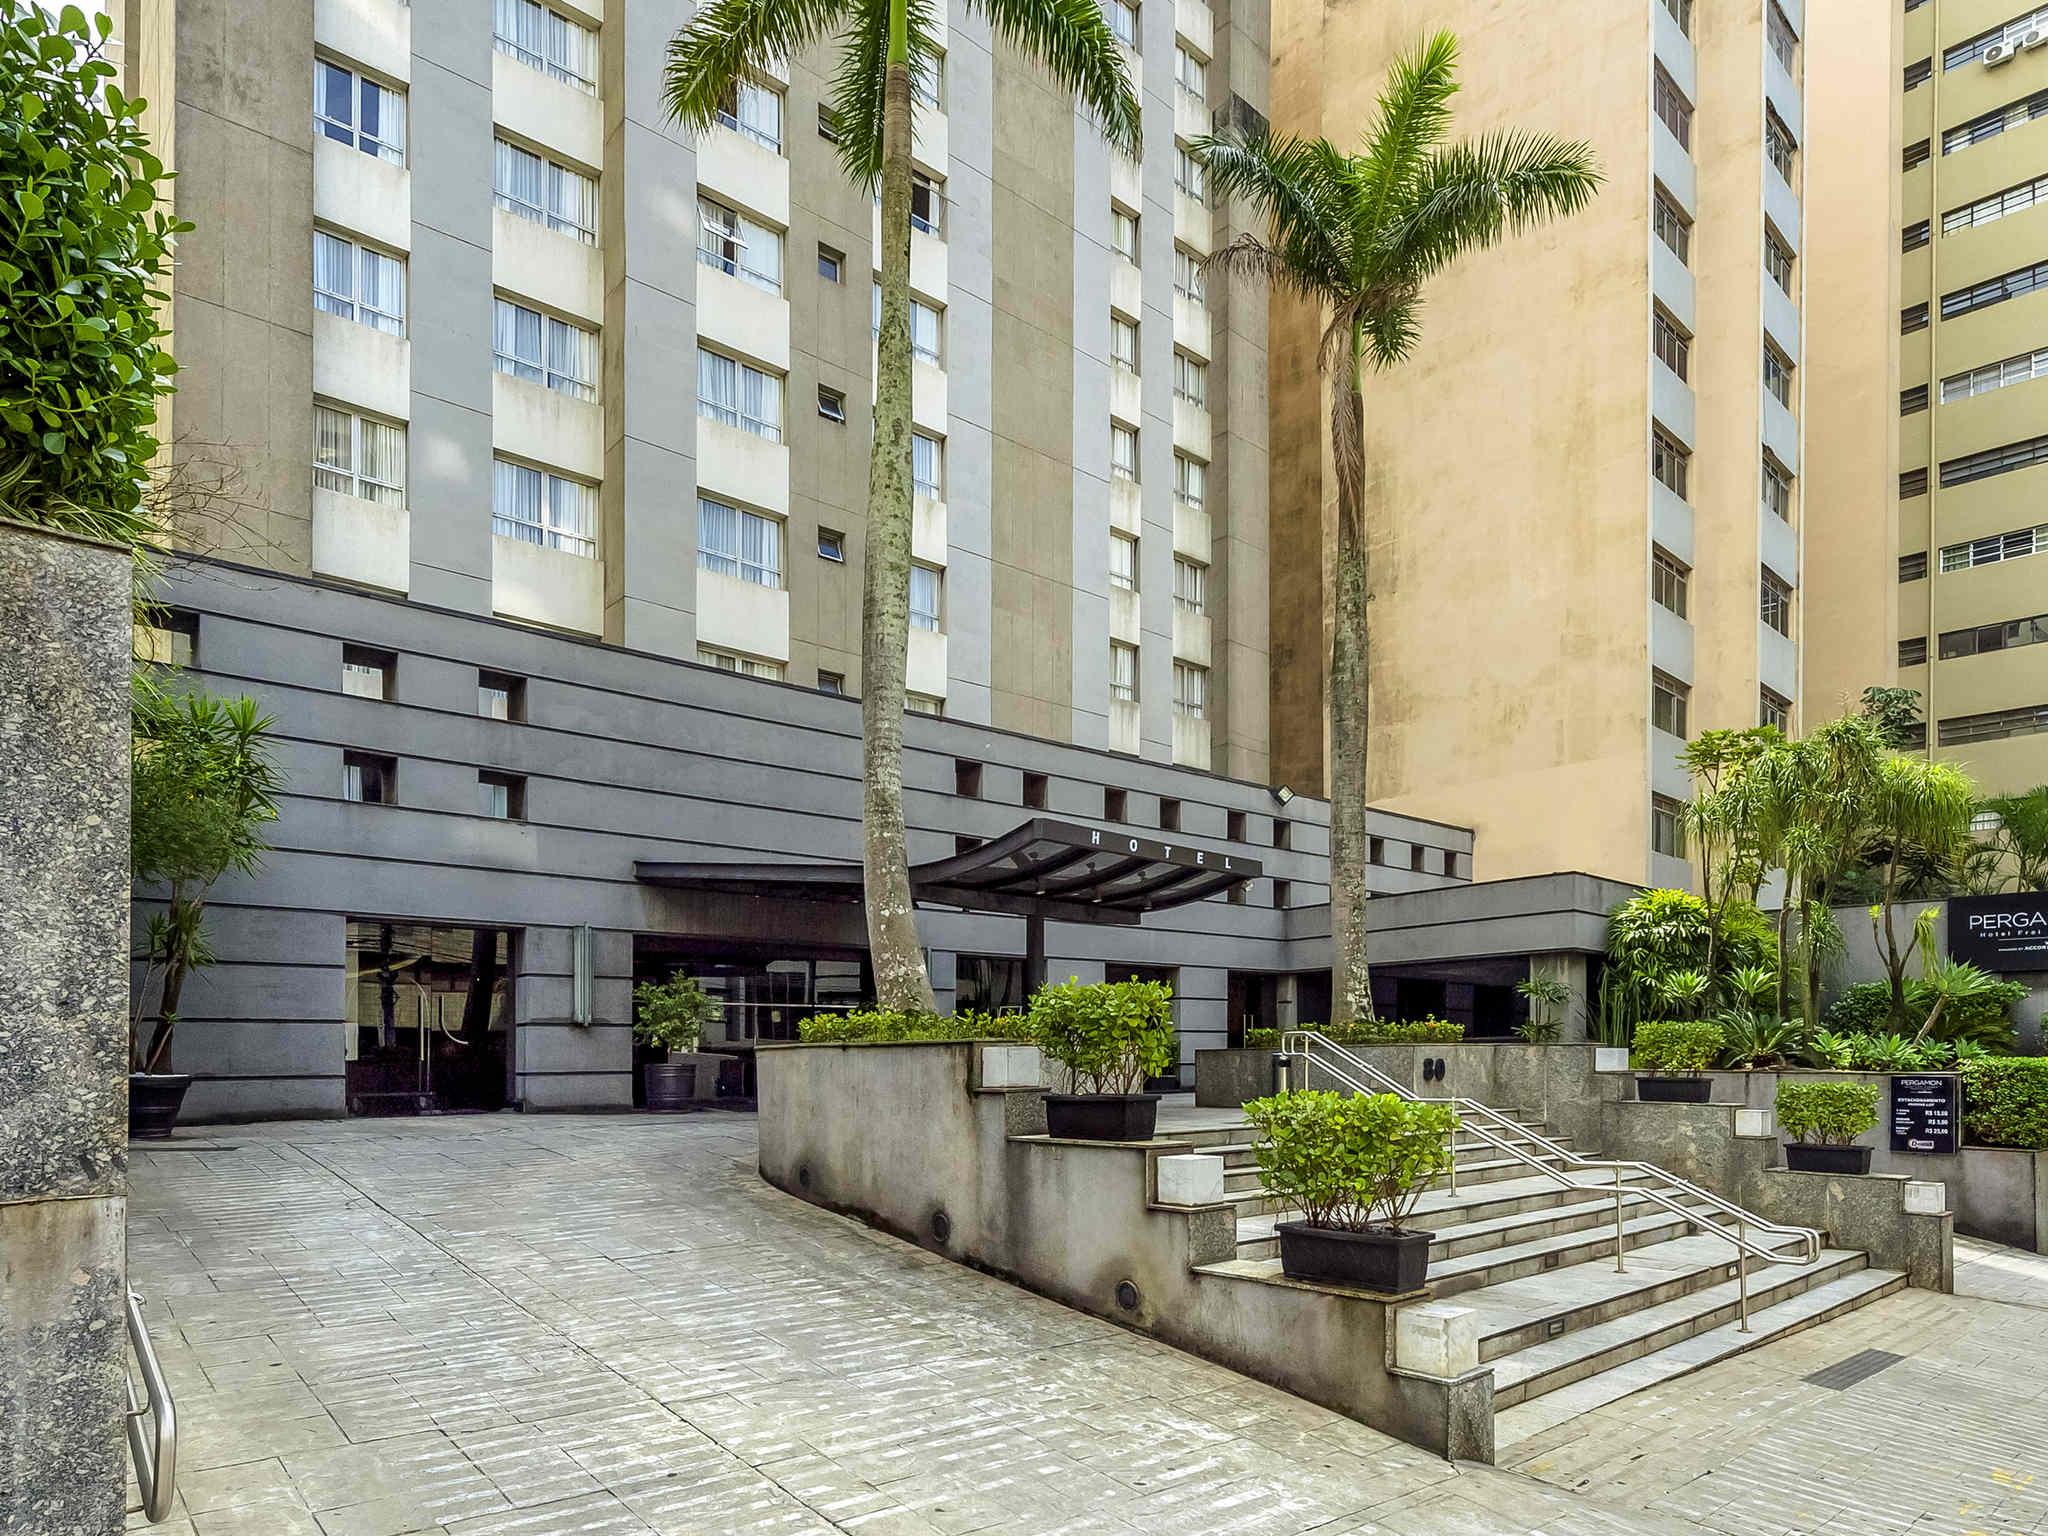 Hotel – Pergamon Hotel Frei Caneca - Managed by AccorHotels